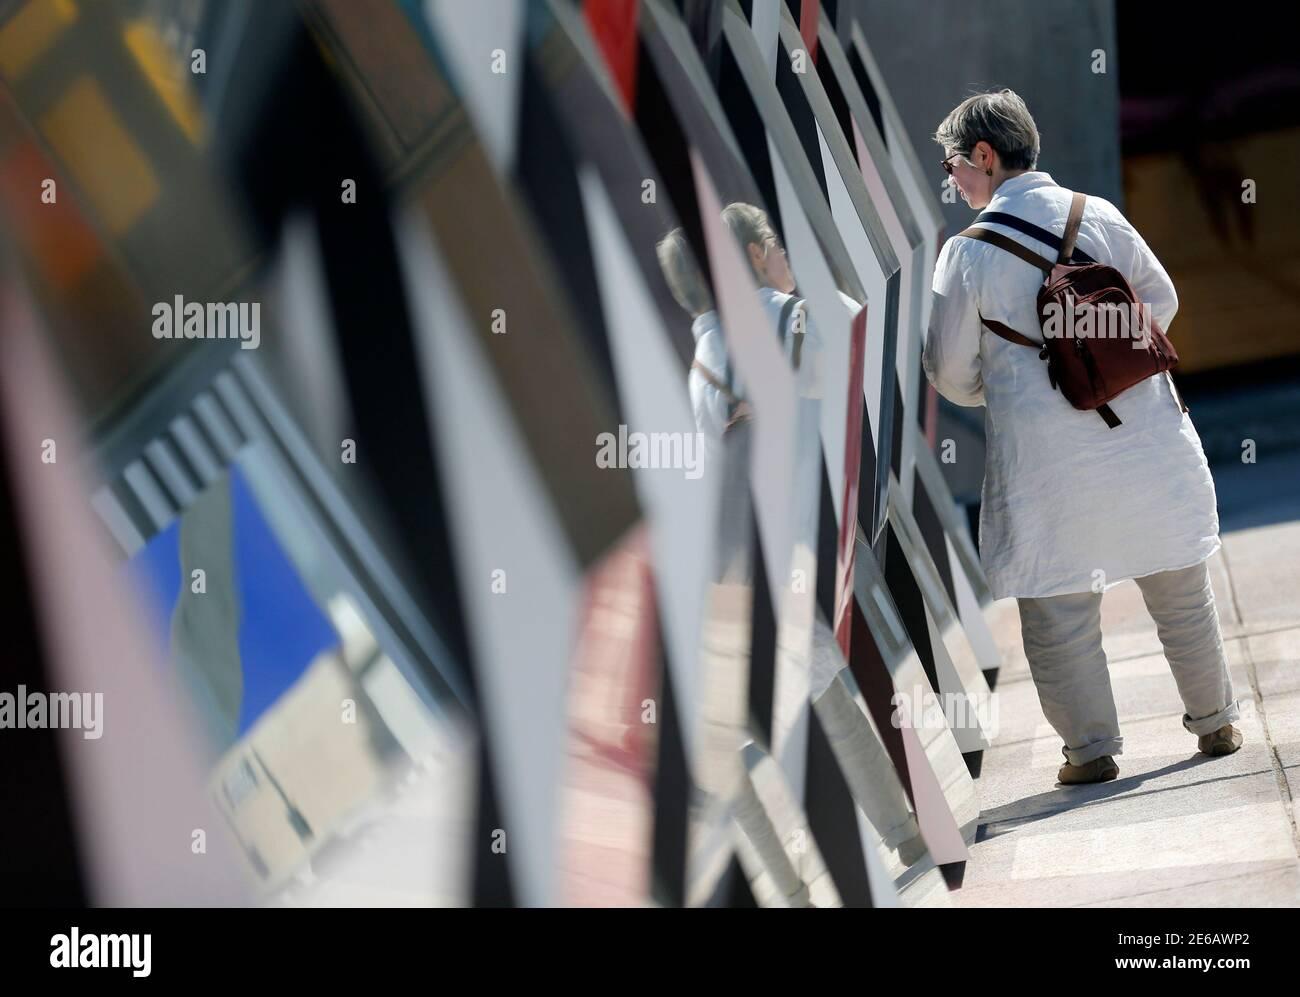 """Ein Besucher geht vorbei an einer Einrichtung im Rahmen der Ausstellung """"Klau Fini Infini, Travaux in-situ"""" vom französischen Künstler Daniel Buren im MaMo Art Center in Marseille 12. September 2014. Die MaMo Zentrum für zeitgenössische Kunst ist installiert auf der restaurierten Dachterrasse von Le Corbusiers 1947 Cite Radieuse (Radiant City) und vom französischen Designer Ora-Ito angelegt. Die Ausstellung läuft bis zum 30. September 2014.          REUTERS/Jean-Paul Pelissier (Frankreich - Tags: ENTERTAINMENT Gesellschaft) Stockfoto"""